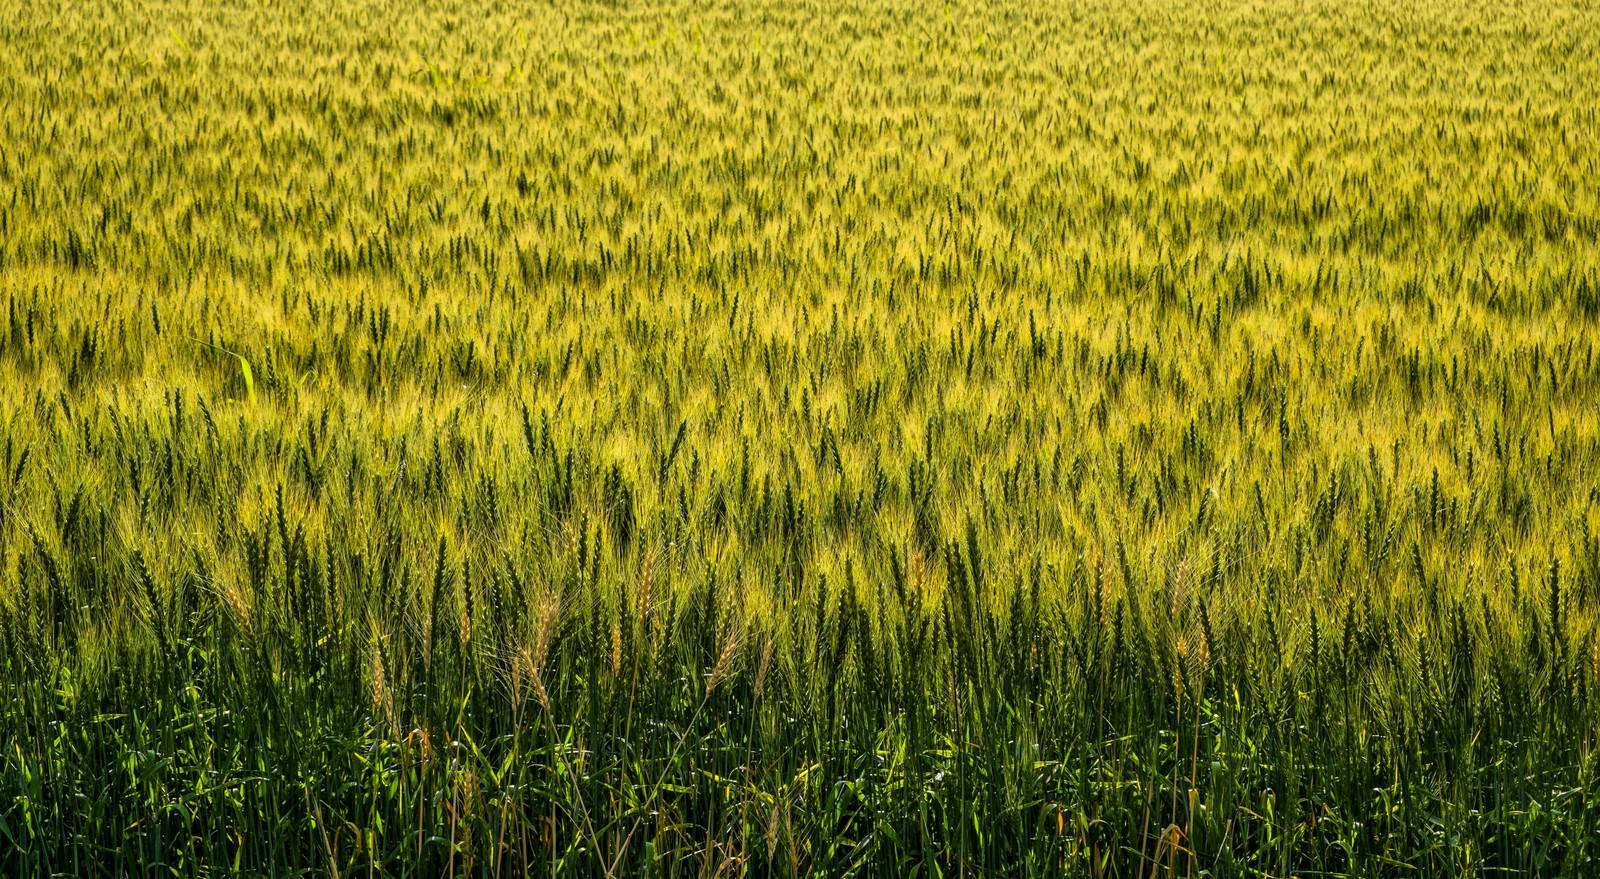 「一面の麦畑」の写真